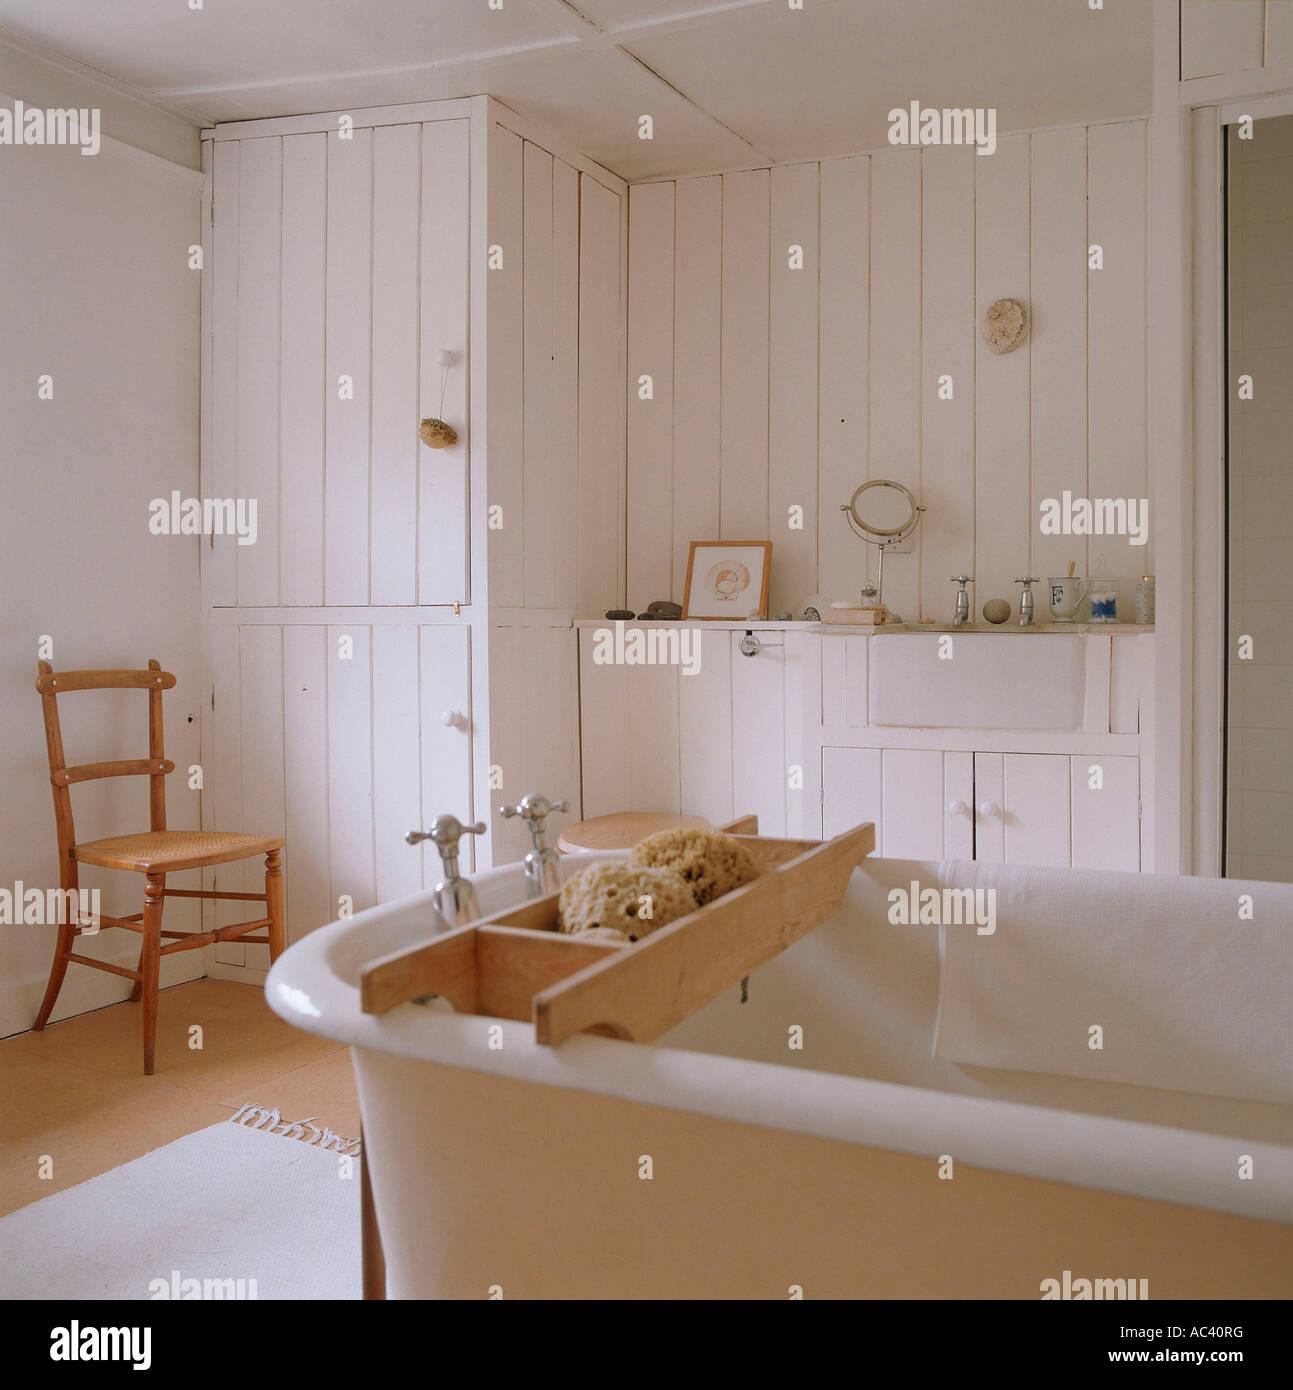 Badezimmer Englisch | Badezimmer Englisch Interesting Badezimmer ...